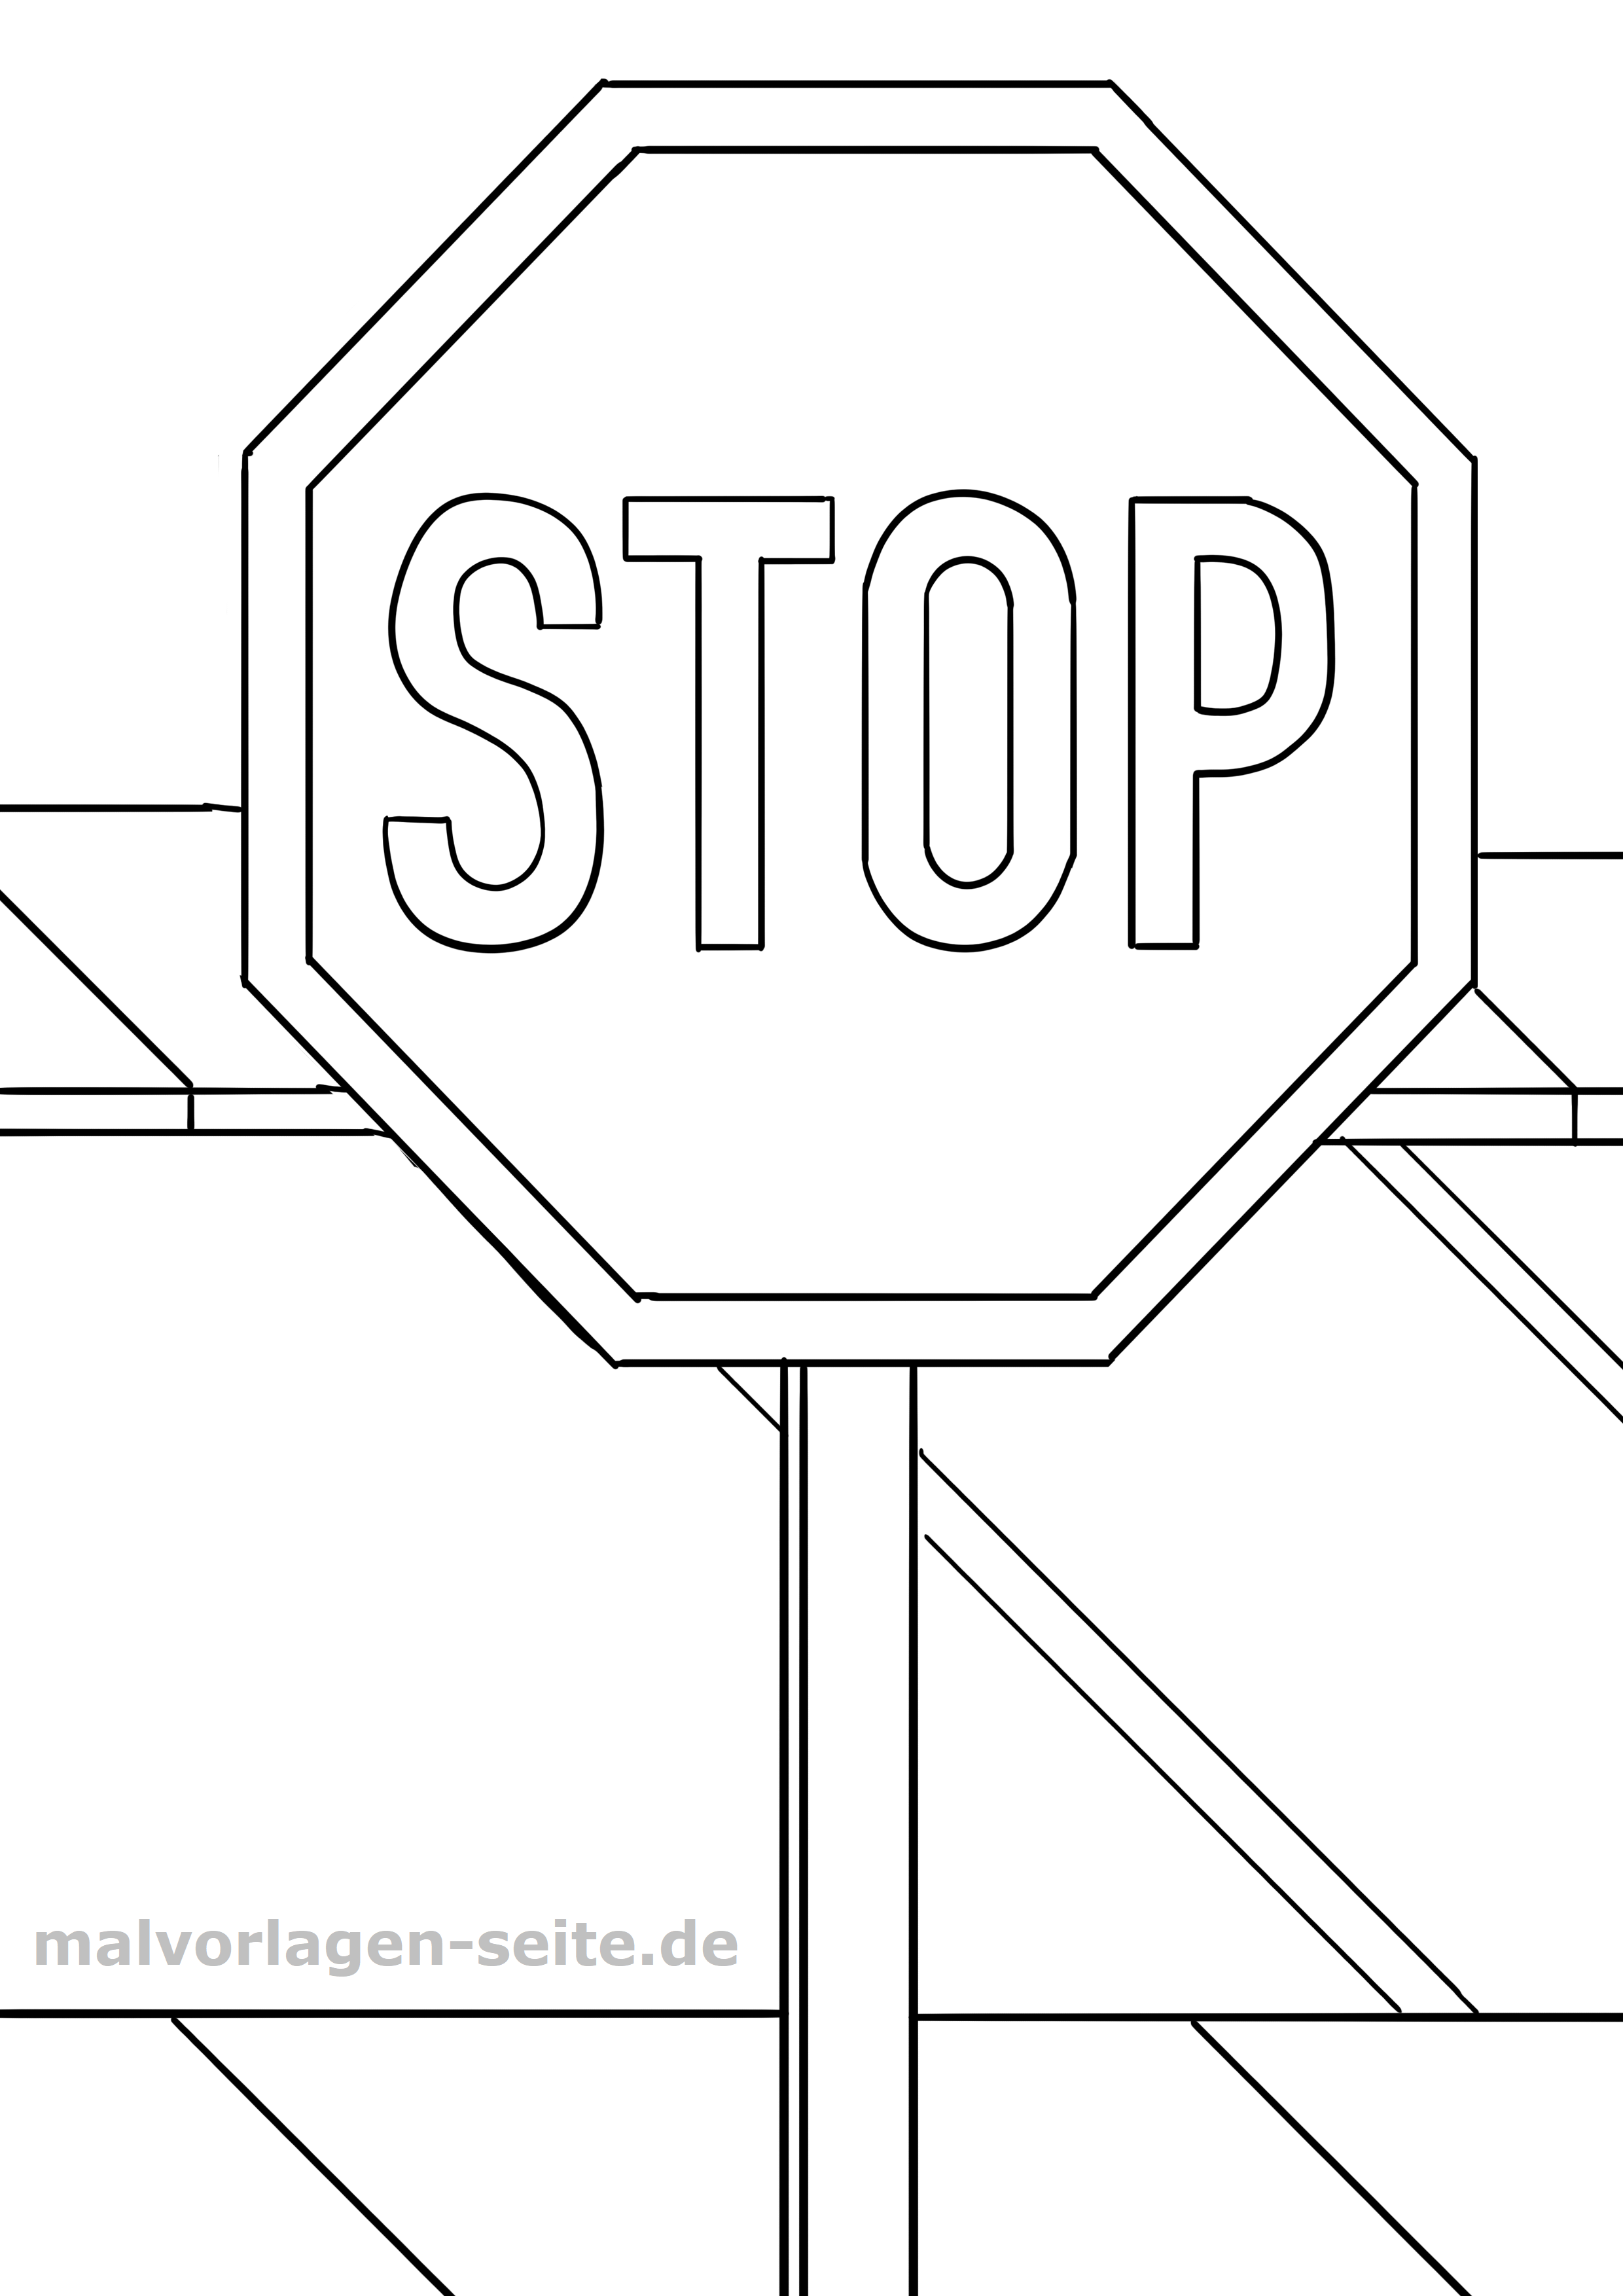 Verkehrszeichen Stoppschild Malvorlage Gratis Malvorlagen Zum Download